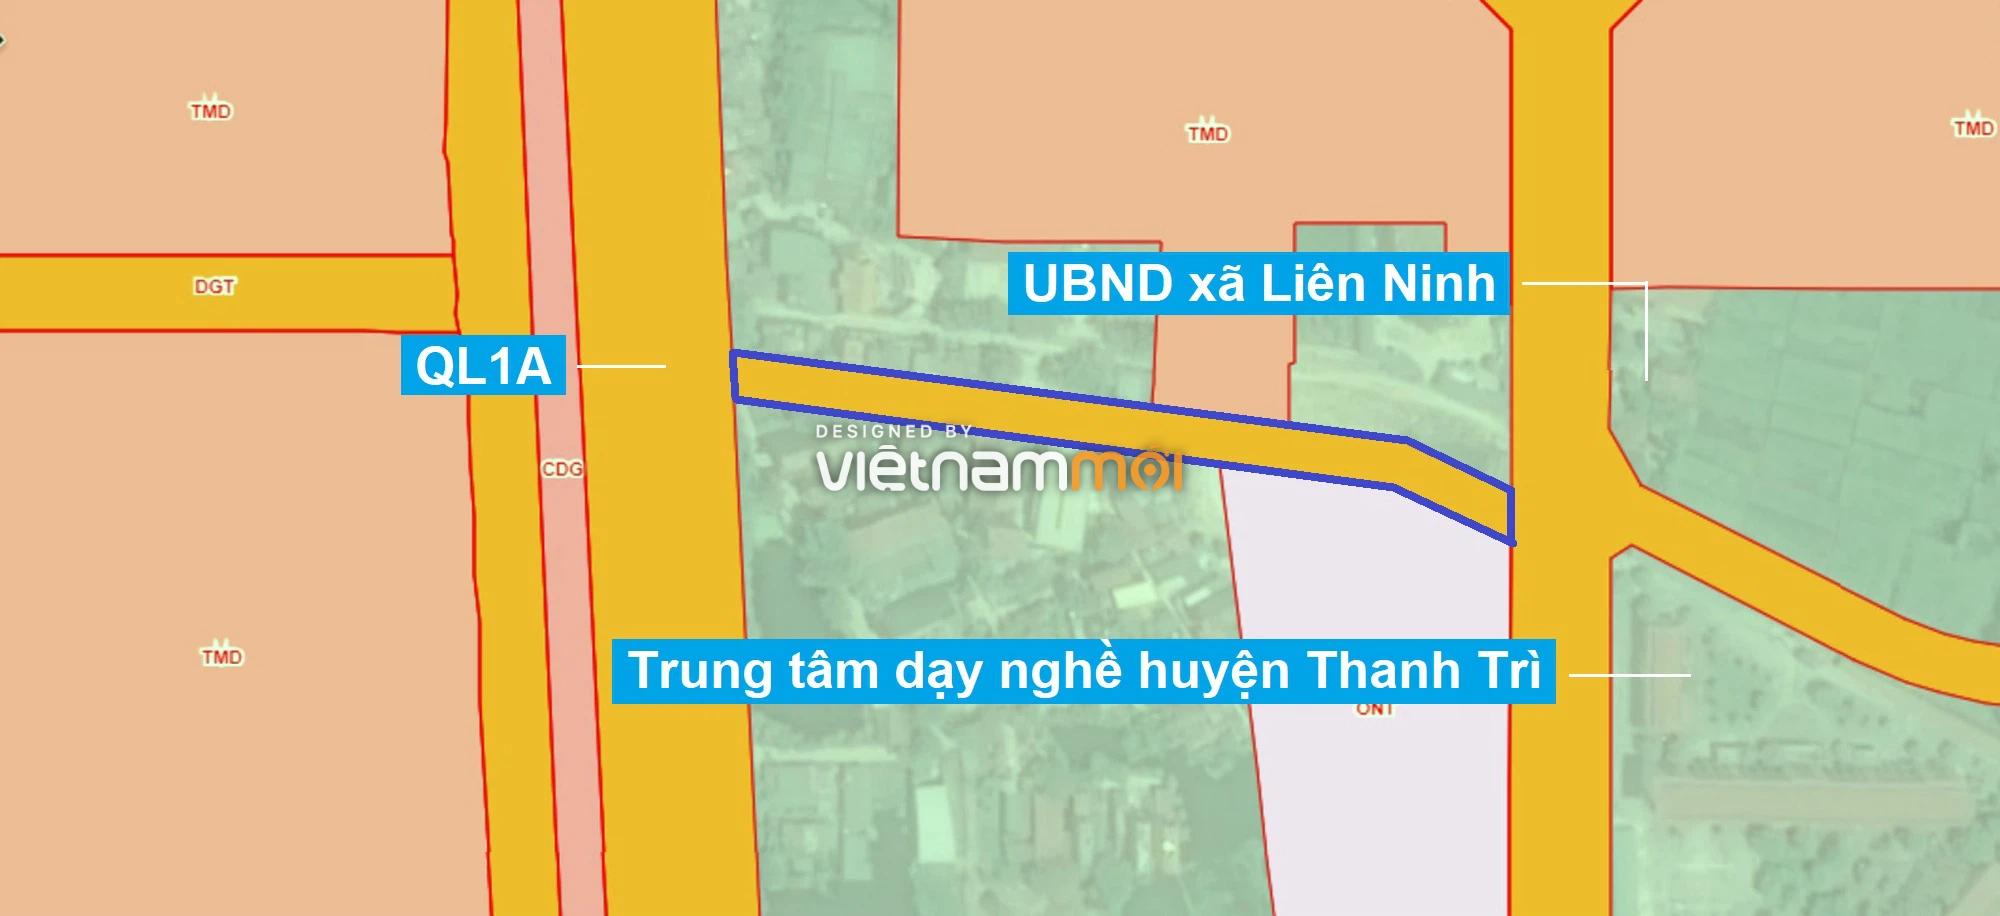 Những khu đất sắp thu hồi để mở đường ở xã Liên Ninh, Thanh Trì, Hà Nội (phần 1) - Ảnh 7.